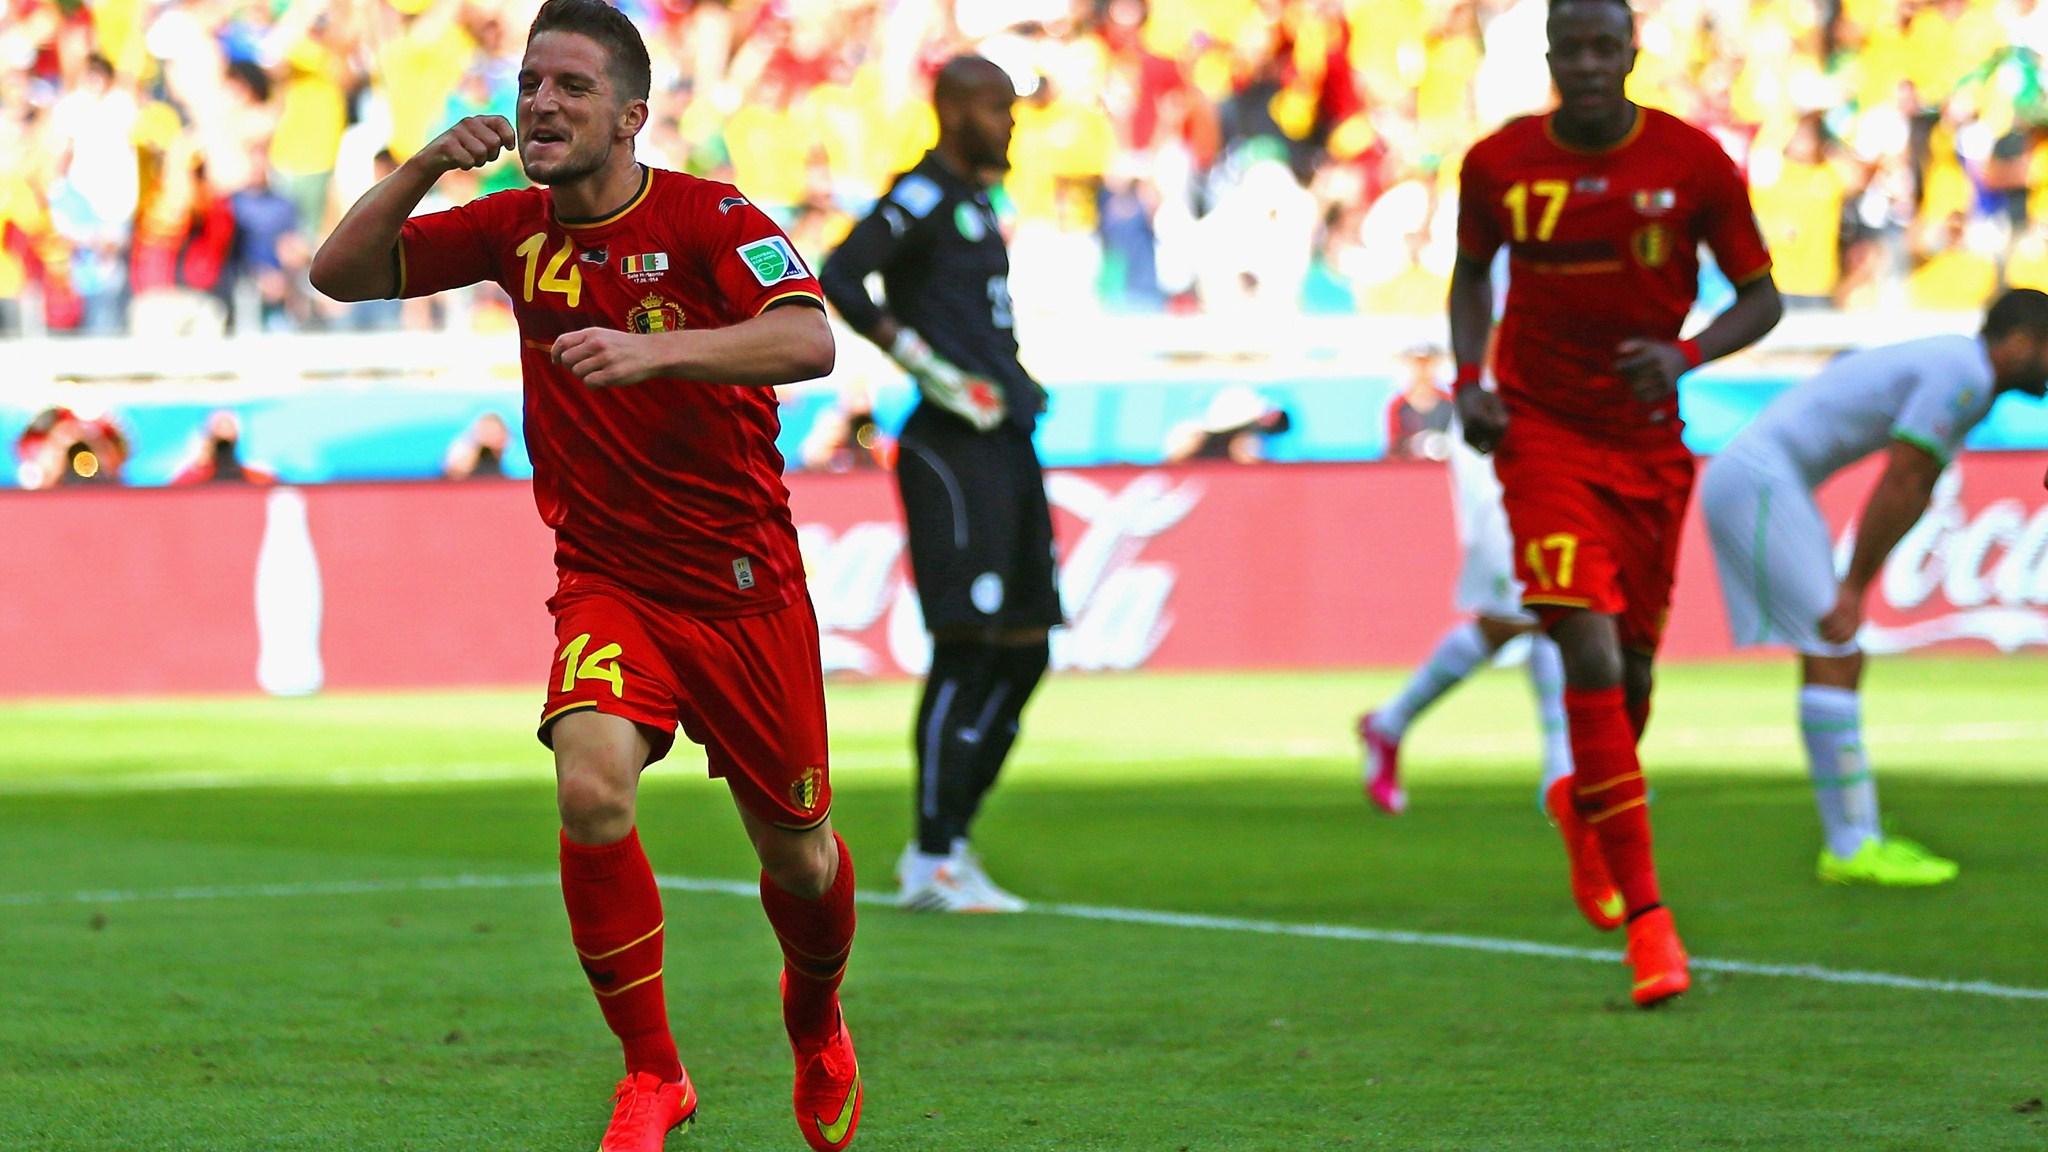 Смотреть футбол россия алжир прямой эфир 17 фотография